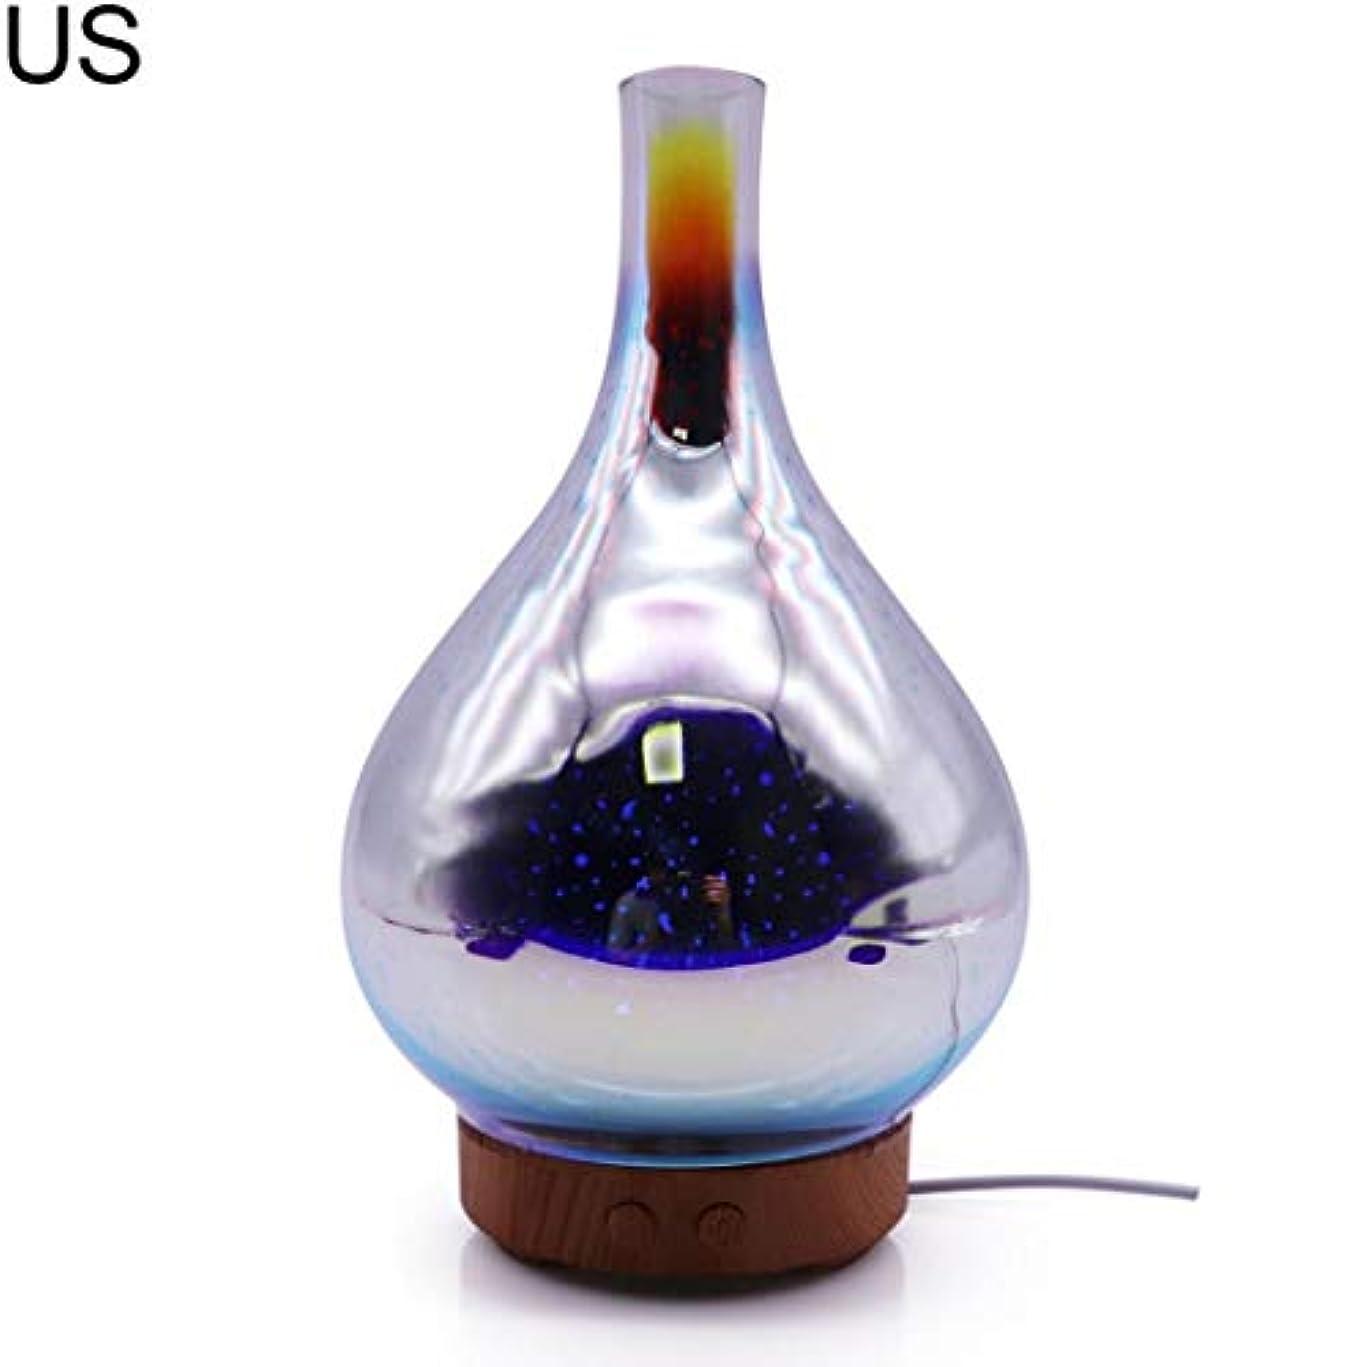 囲い雨の組み込むat27clekca Aroma Diffuser Air Quality Improvement 3D Glass LED Night Light Ultrasonic Essential Oil Aroma Diffuser...